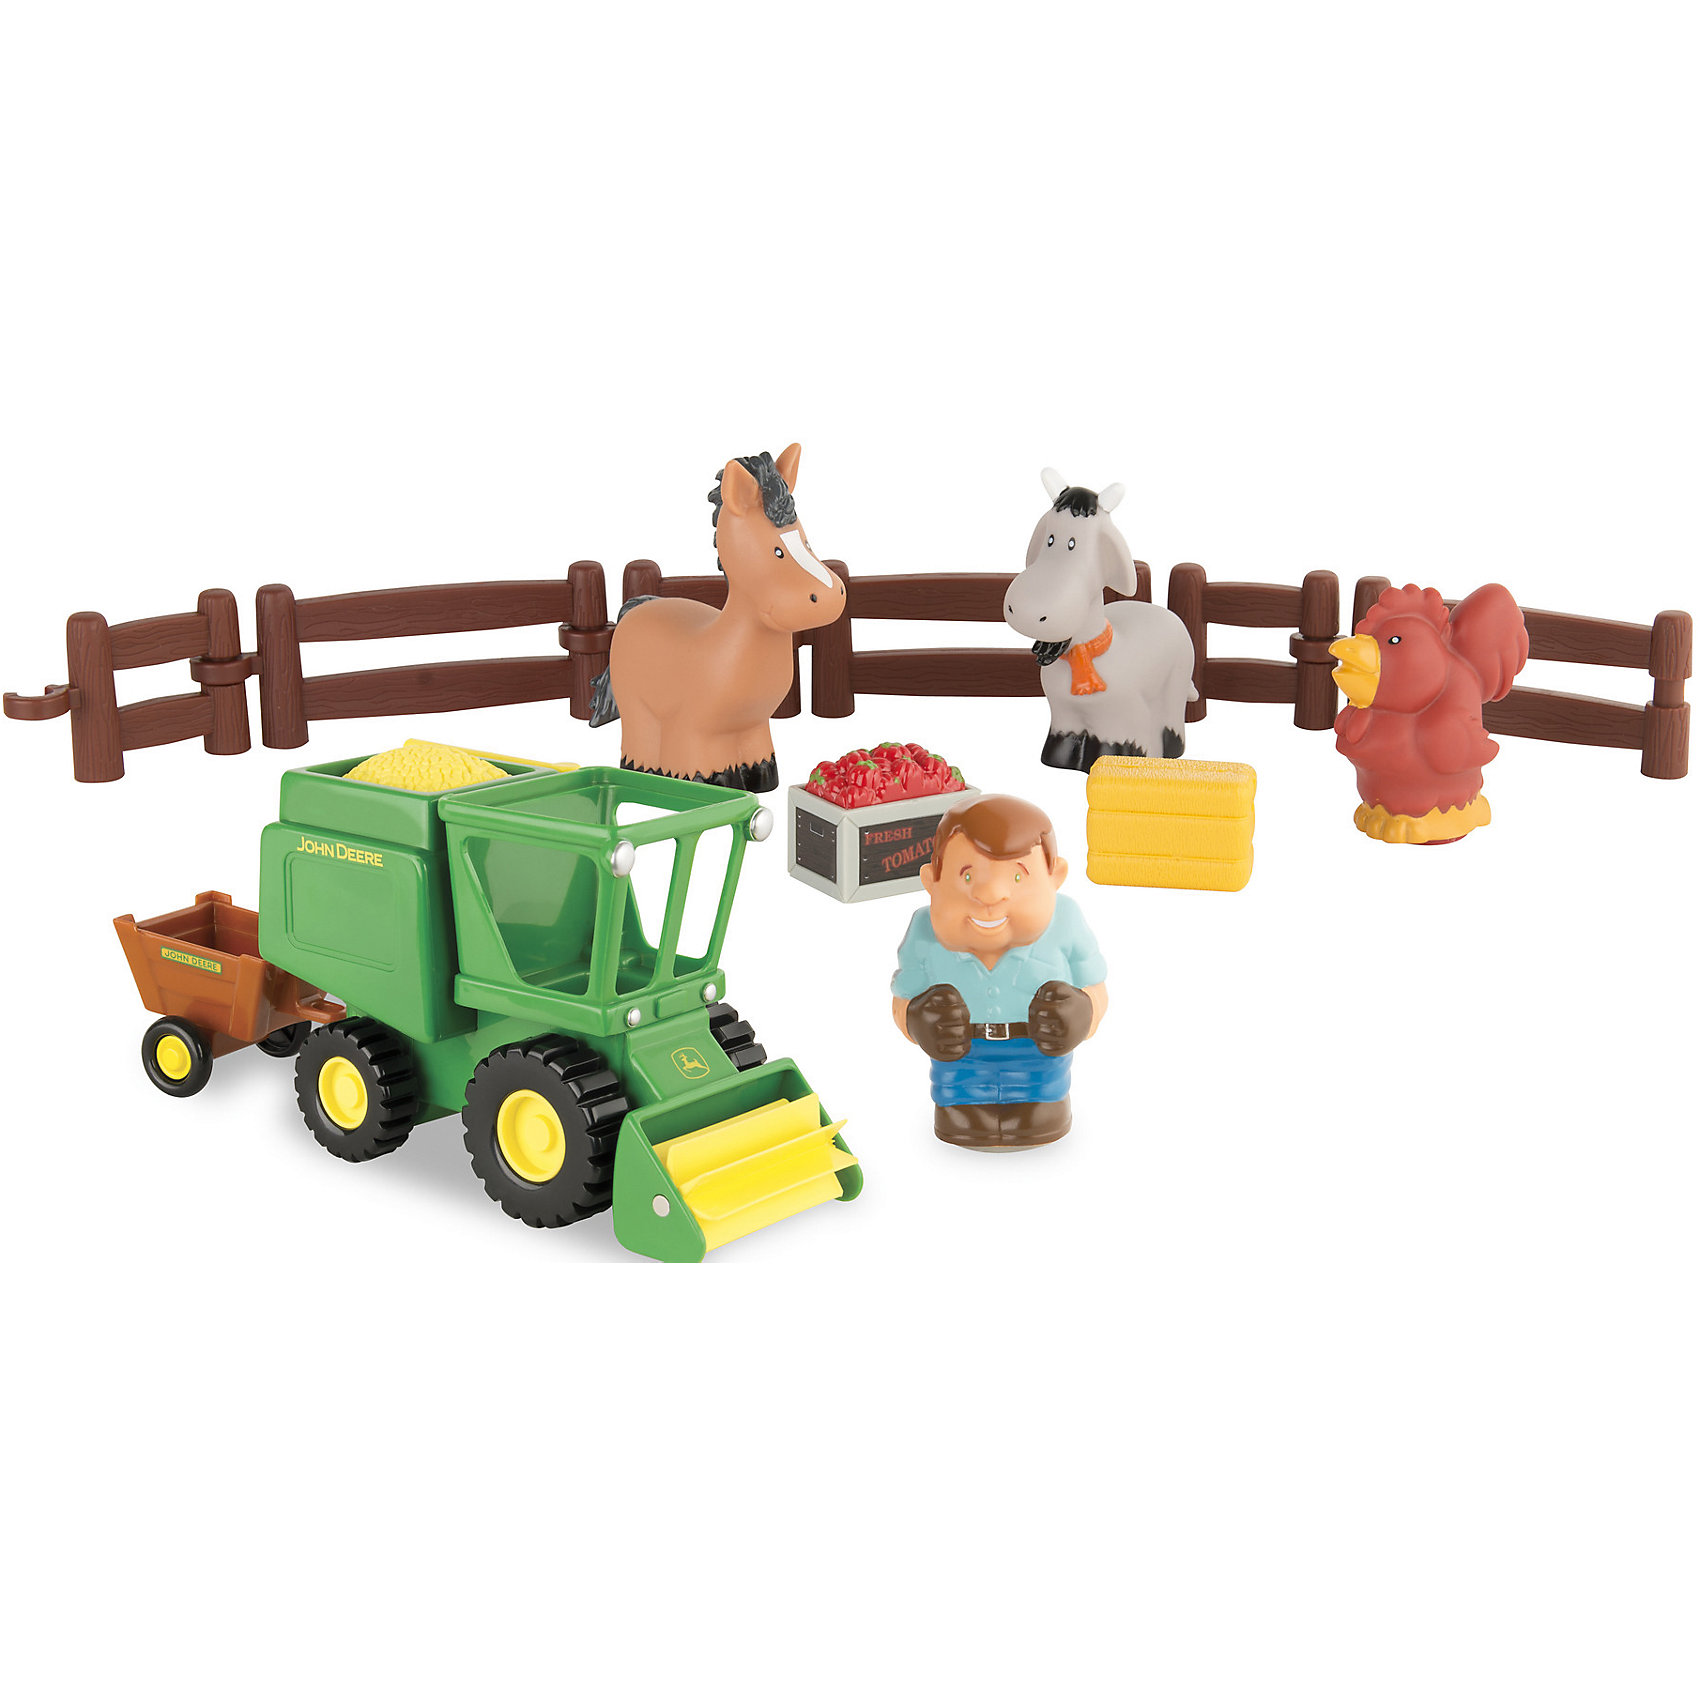 TOMY Моя первая ферма - набор уборка урожая, TOMY игровые наборы tomy моя первая ферма набор с погрузчиком